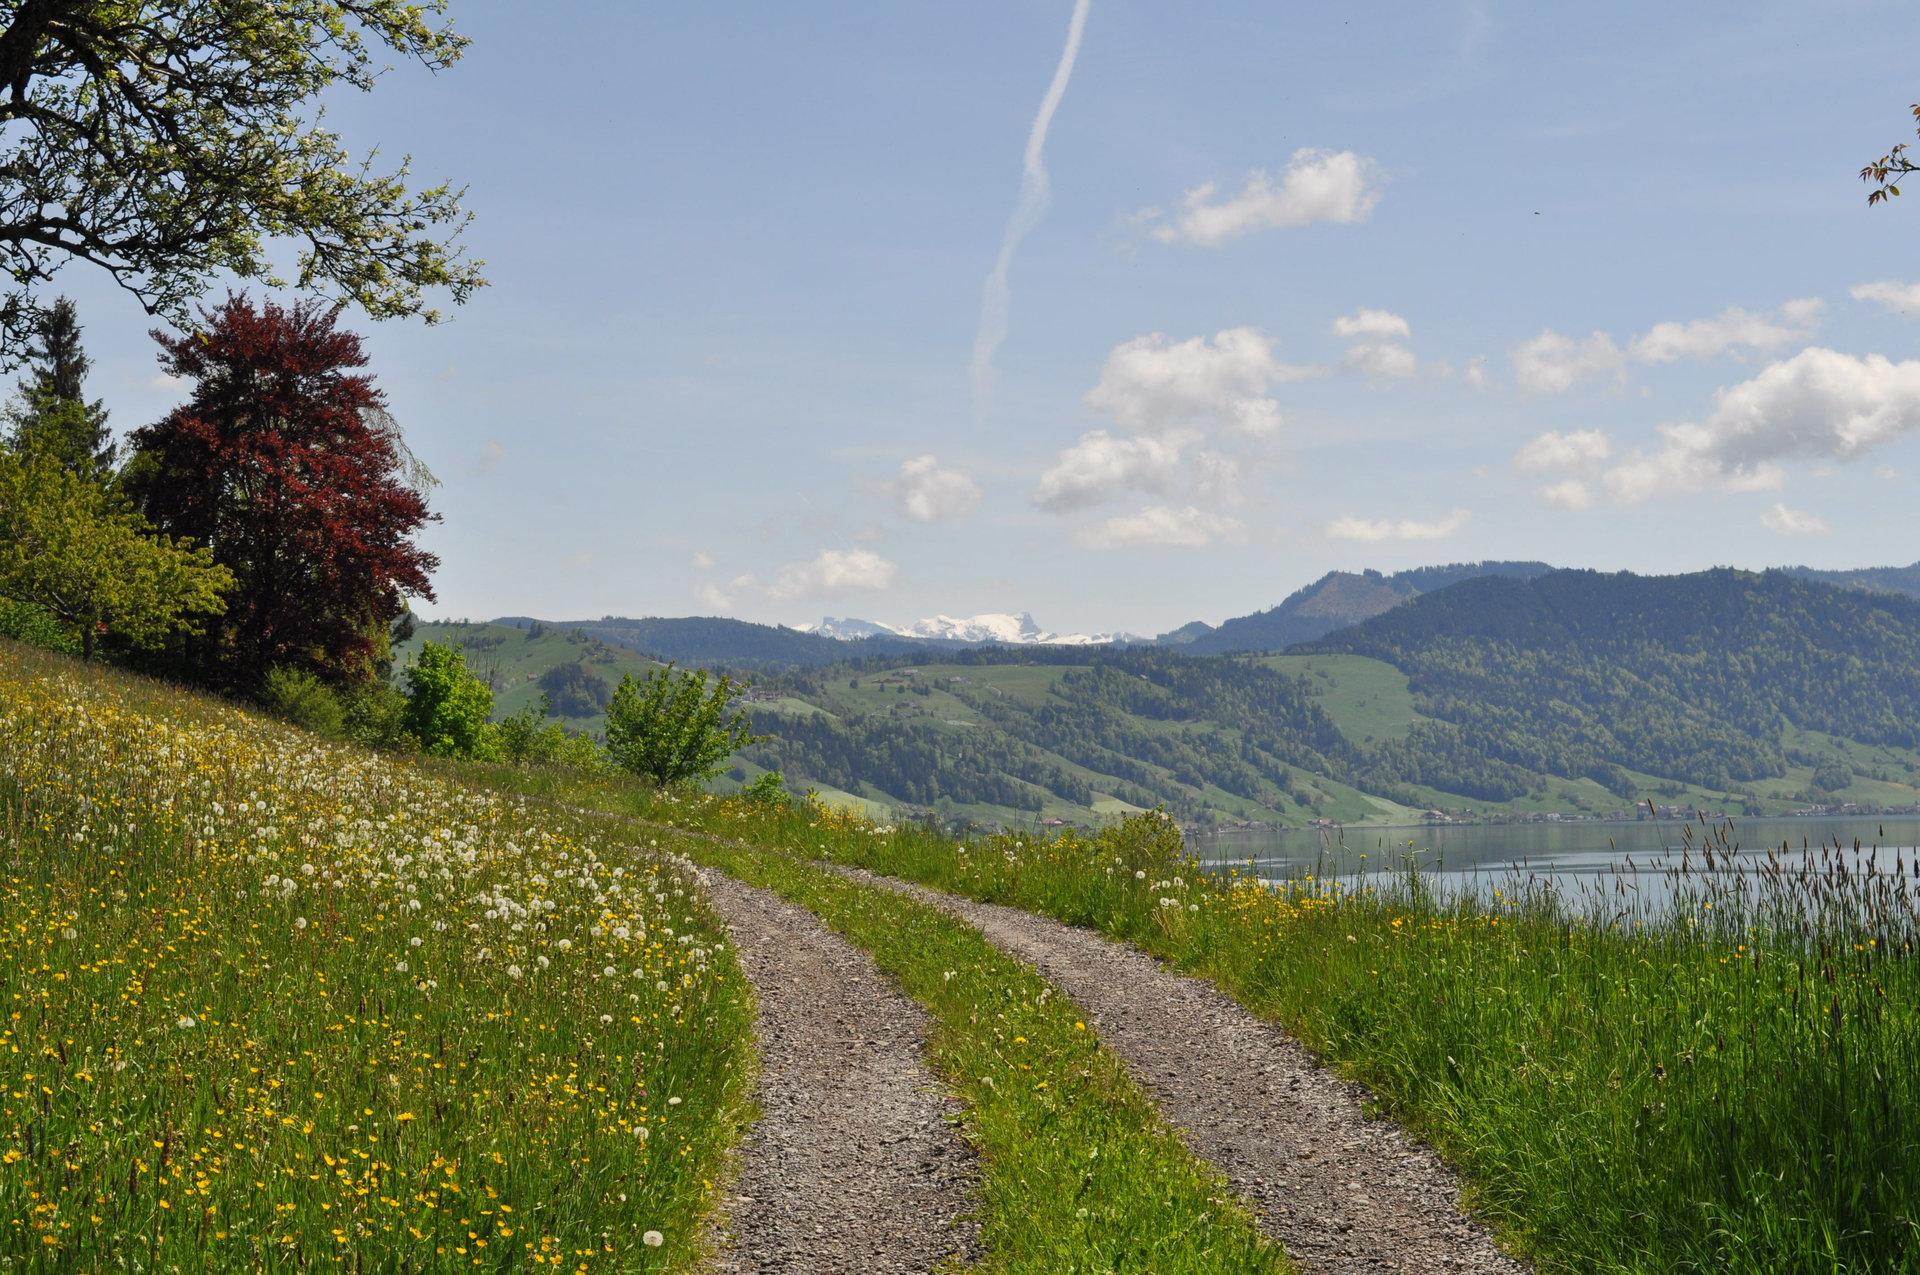 Etat de Vaud: Stimmungsbild am Genfersee zu IT Beratungsprojekt zur Bereinigung von IT- und Netzwerk-Landschaft, Implementation neuer Prozesse